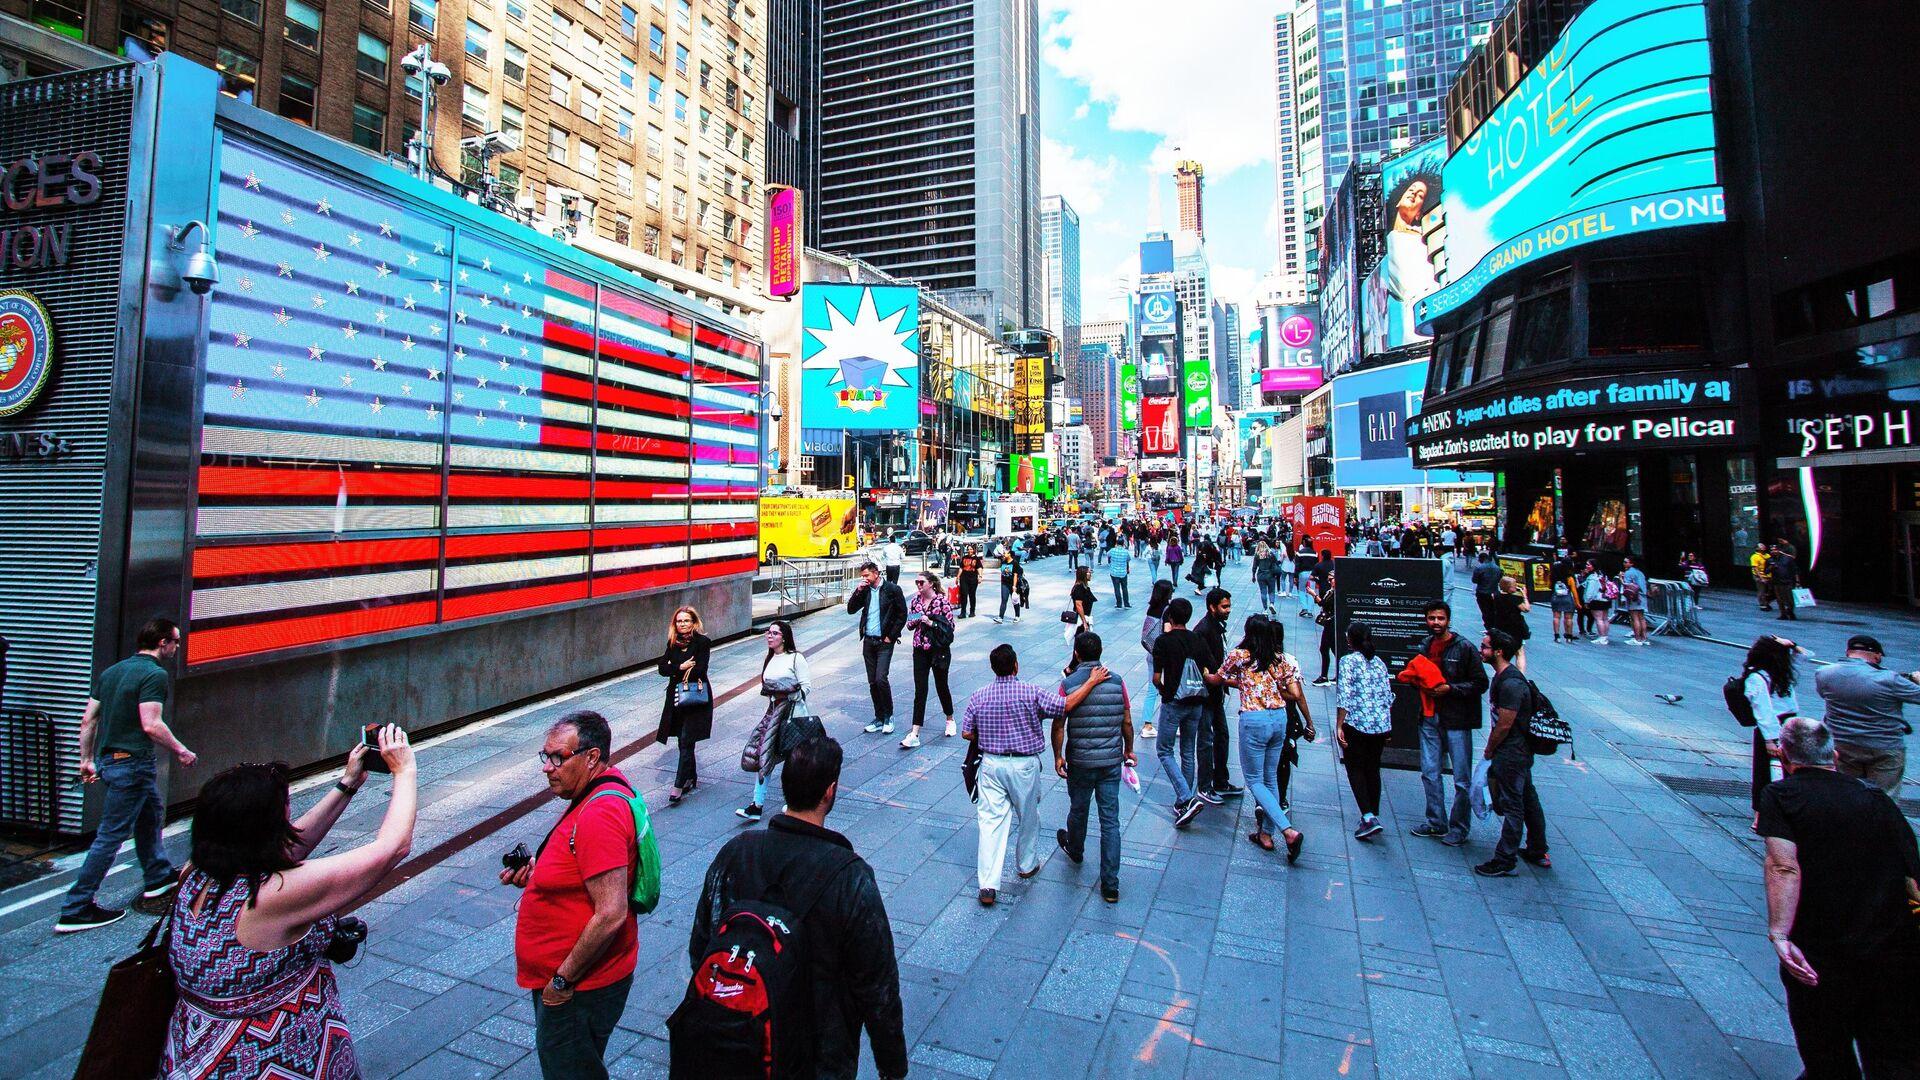 Прохожие на площади Таймс-сквер в Нью-Йорке, США - РИА Новости, 1920, 22.09.2020